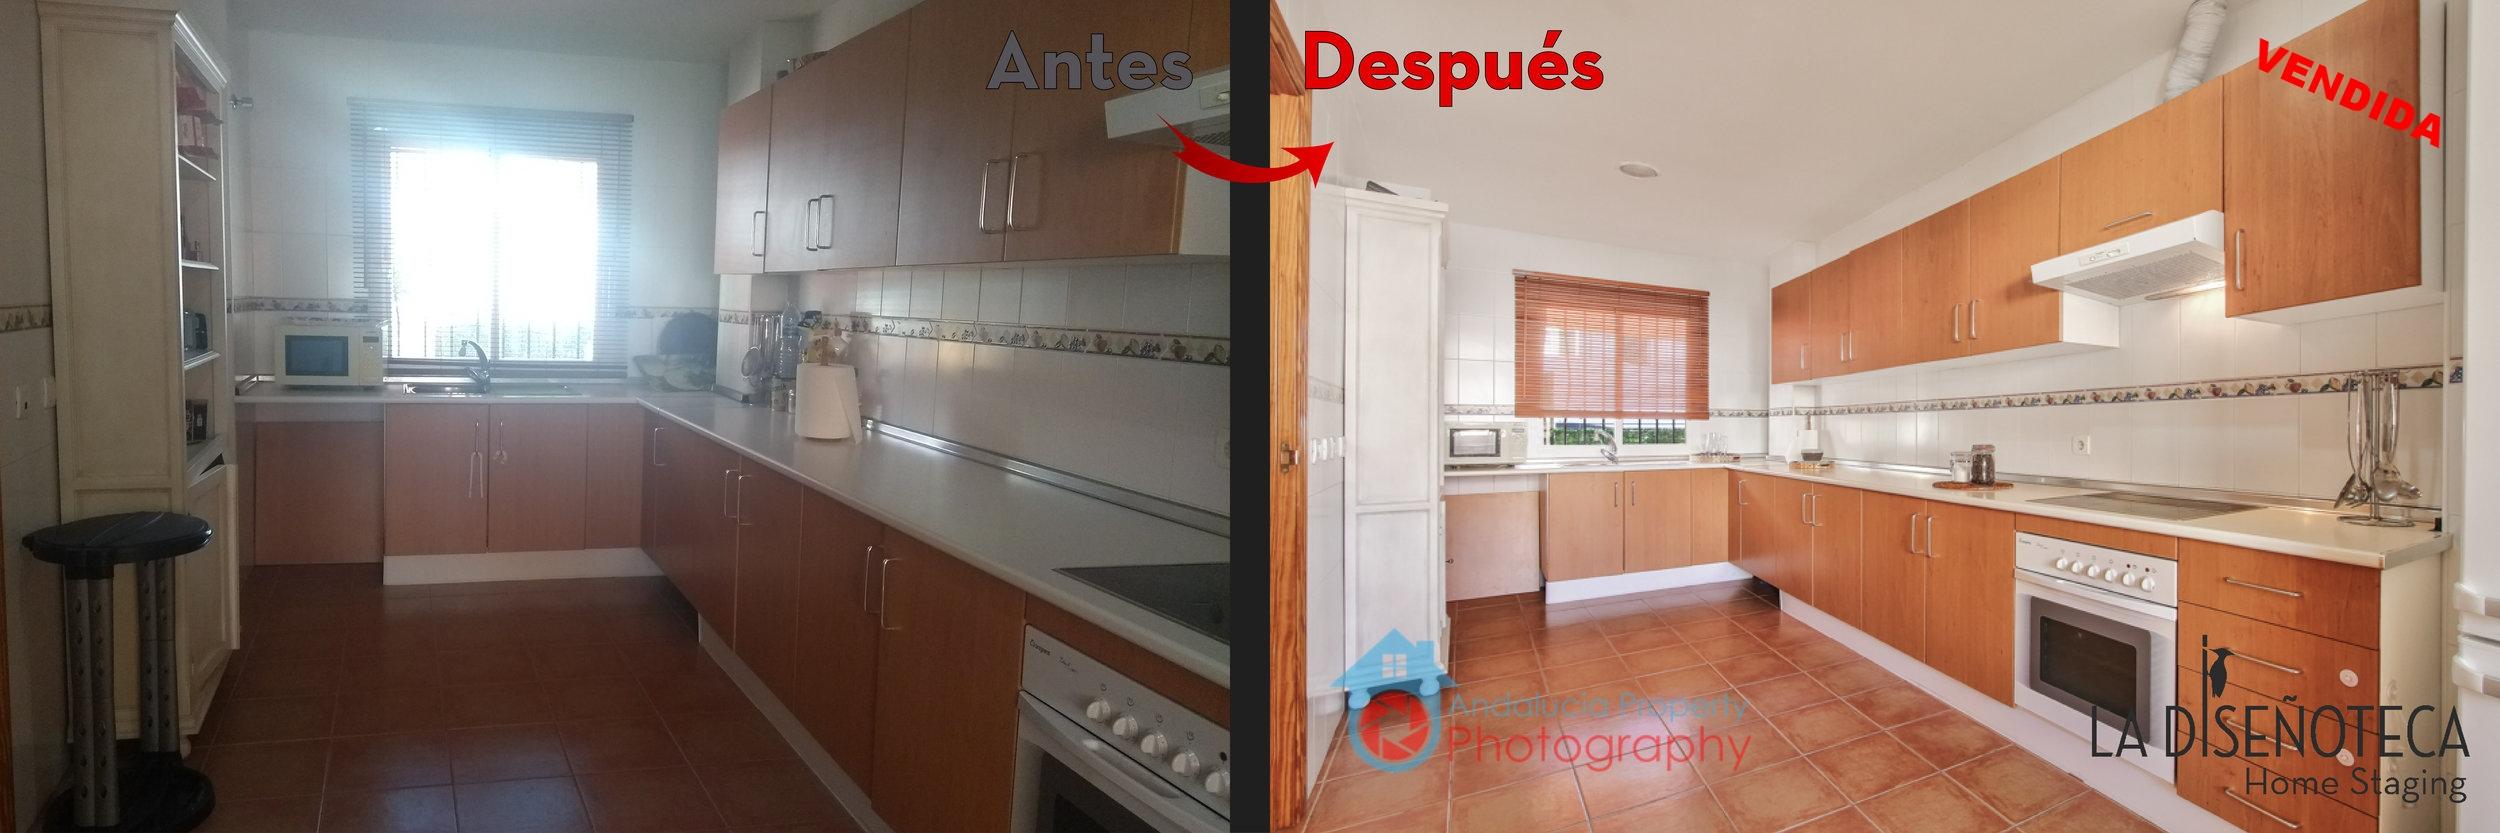 AntesyDespues Añor_3.jpg